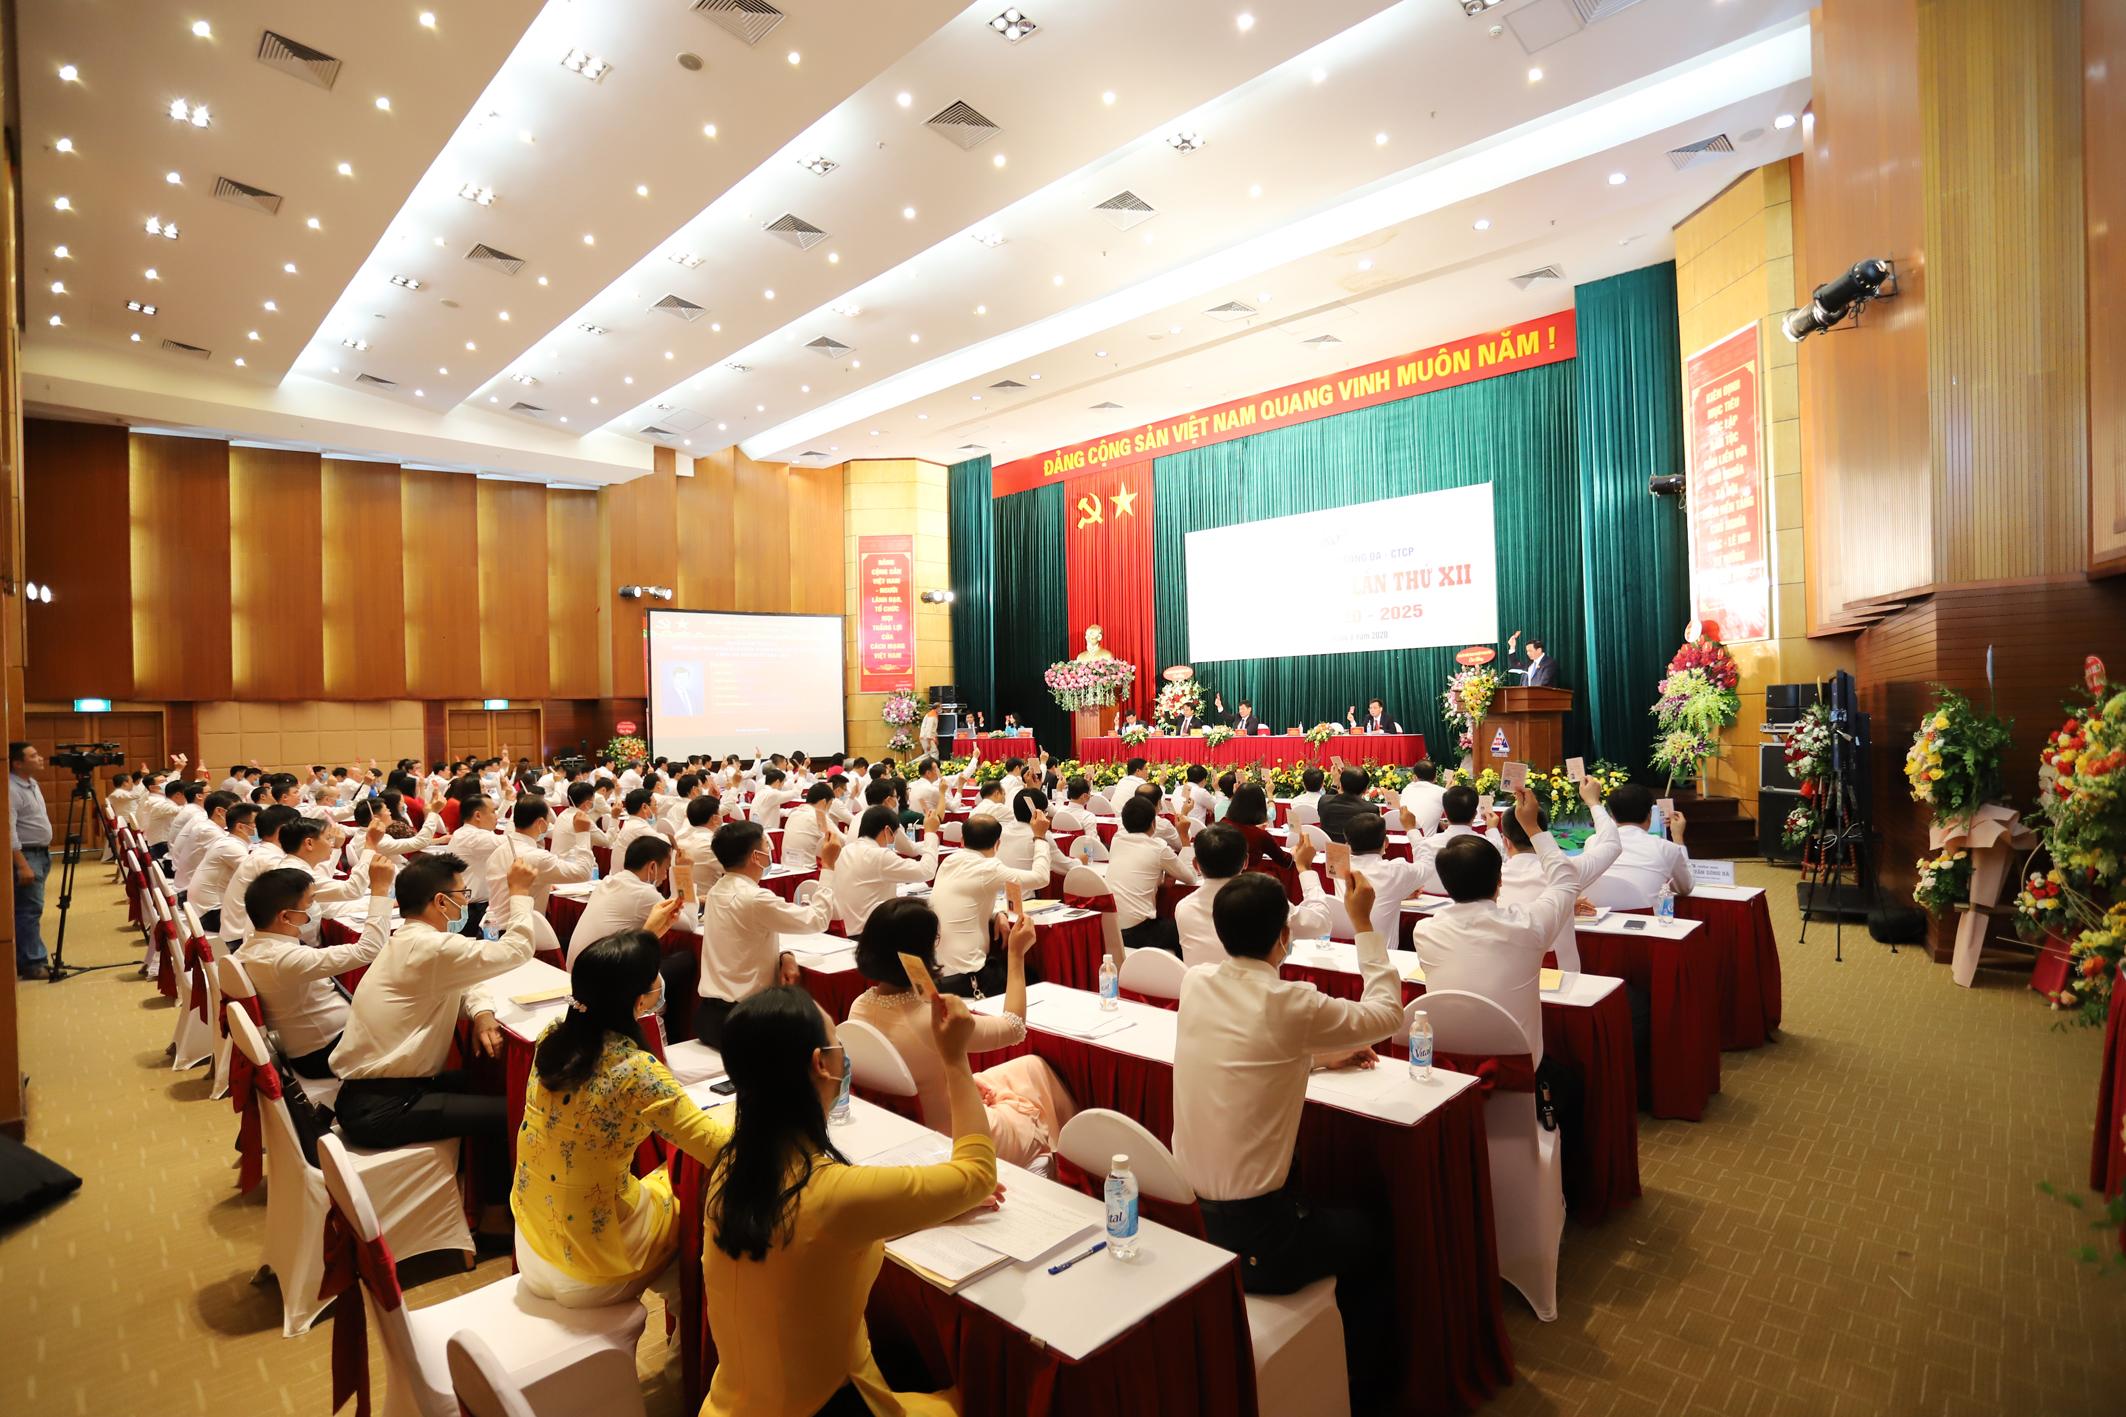 Đại biểu biểu quyết thông qua Nghị quyết Đại hội.